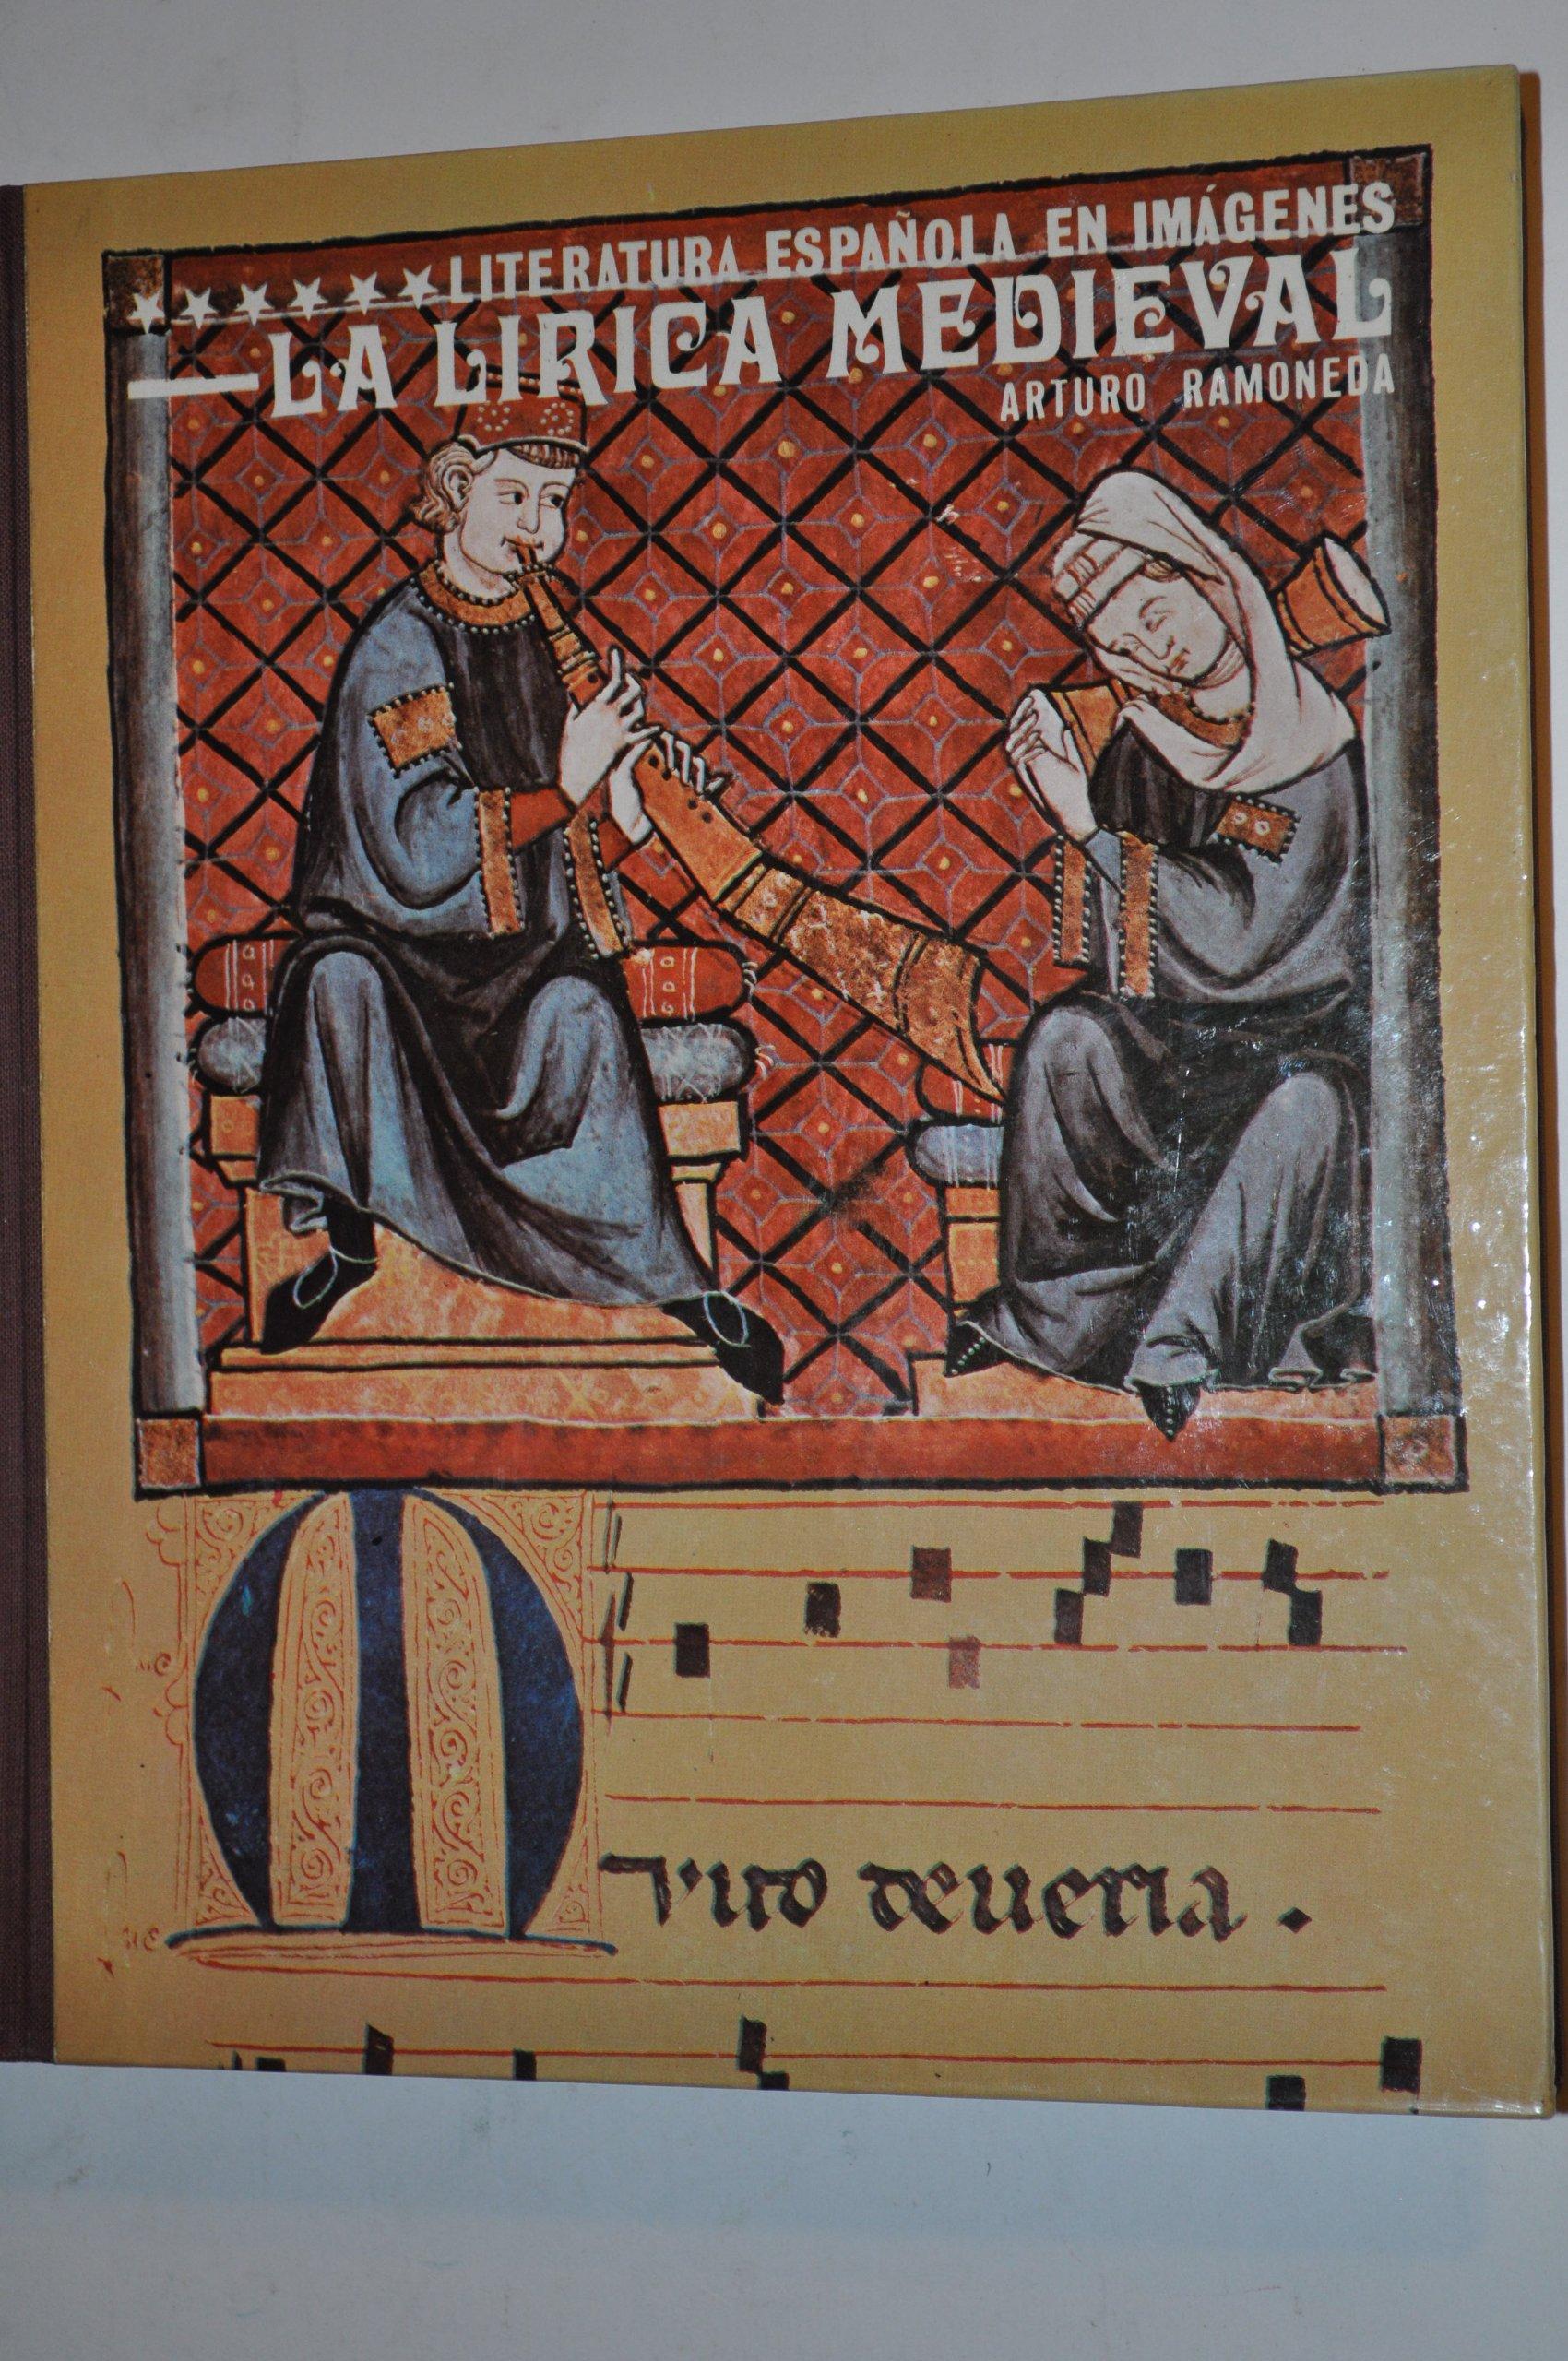 La lírica medieval (Literatura española en imágenes): Amazon.es: Ramoneda, Arturo: Libros